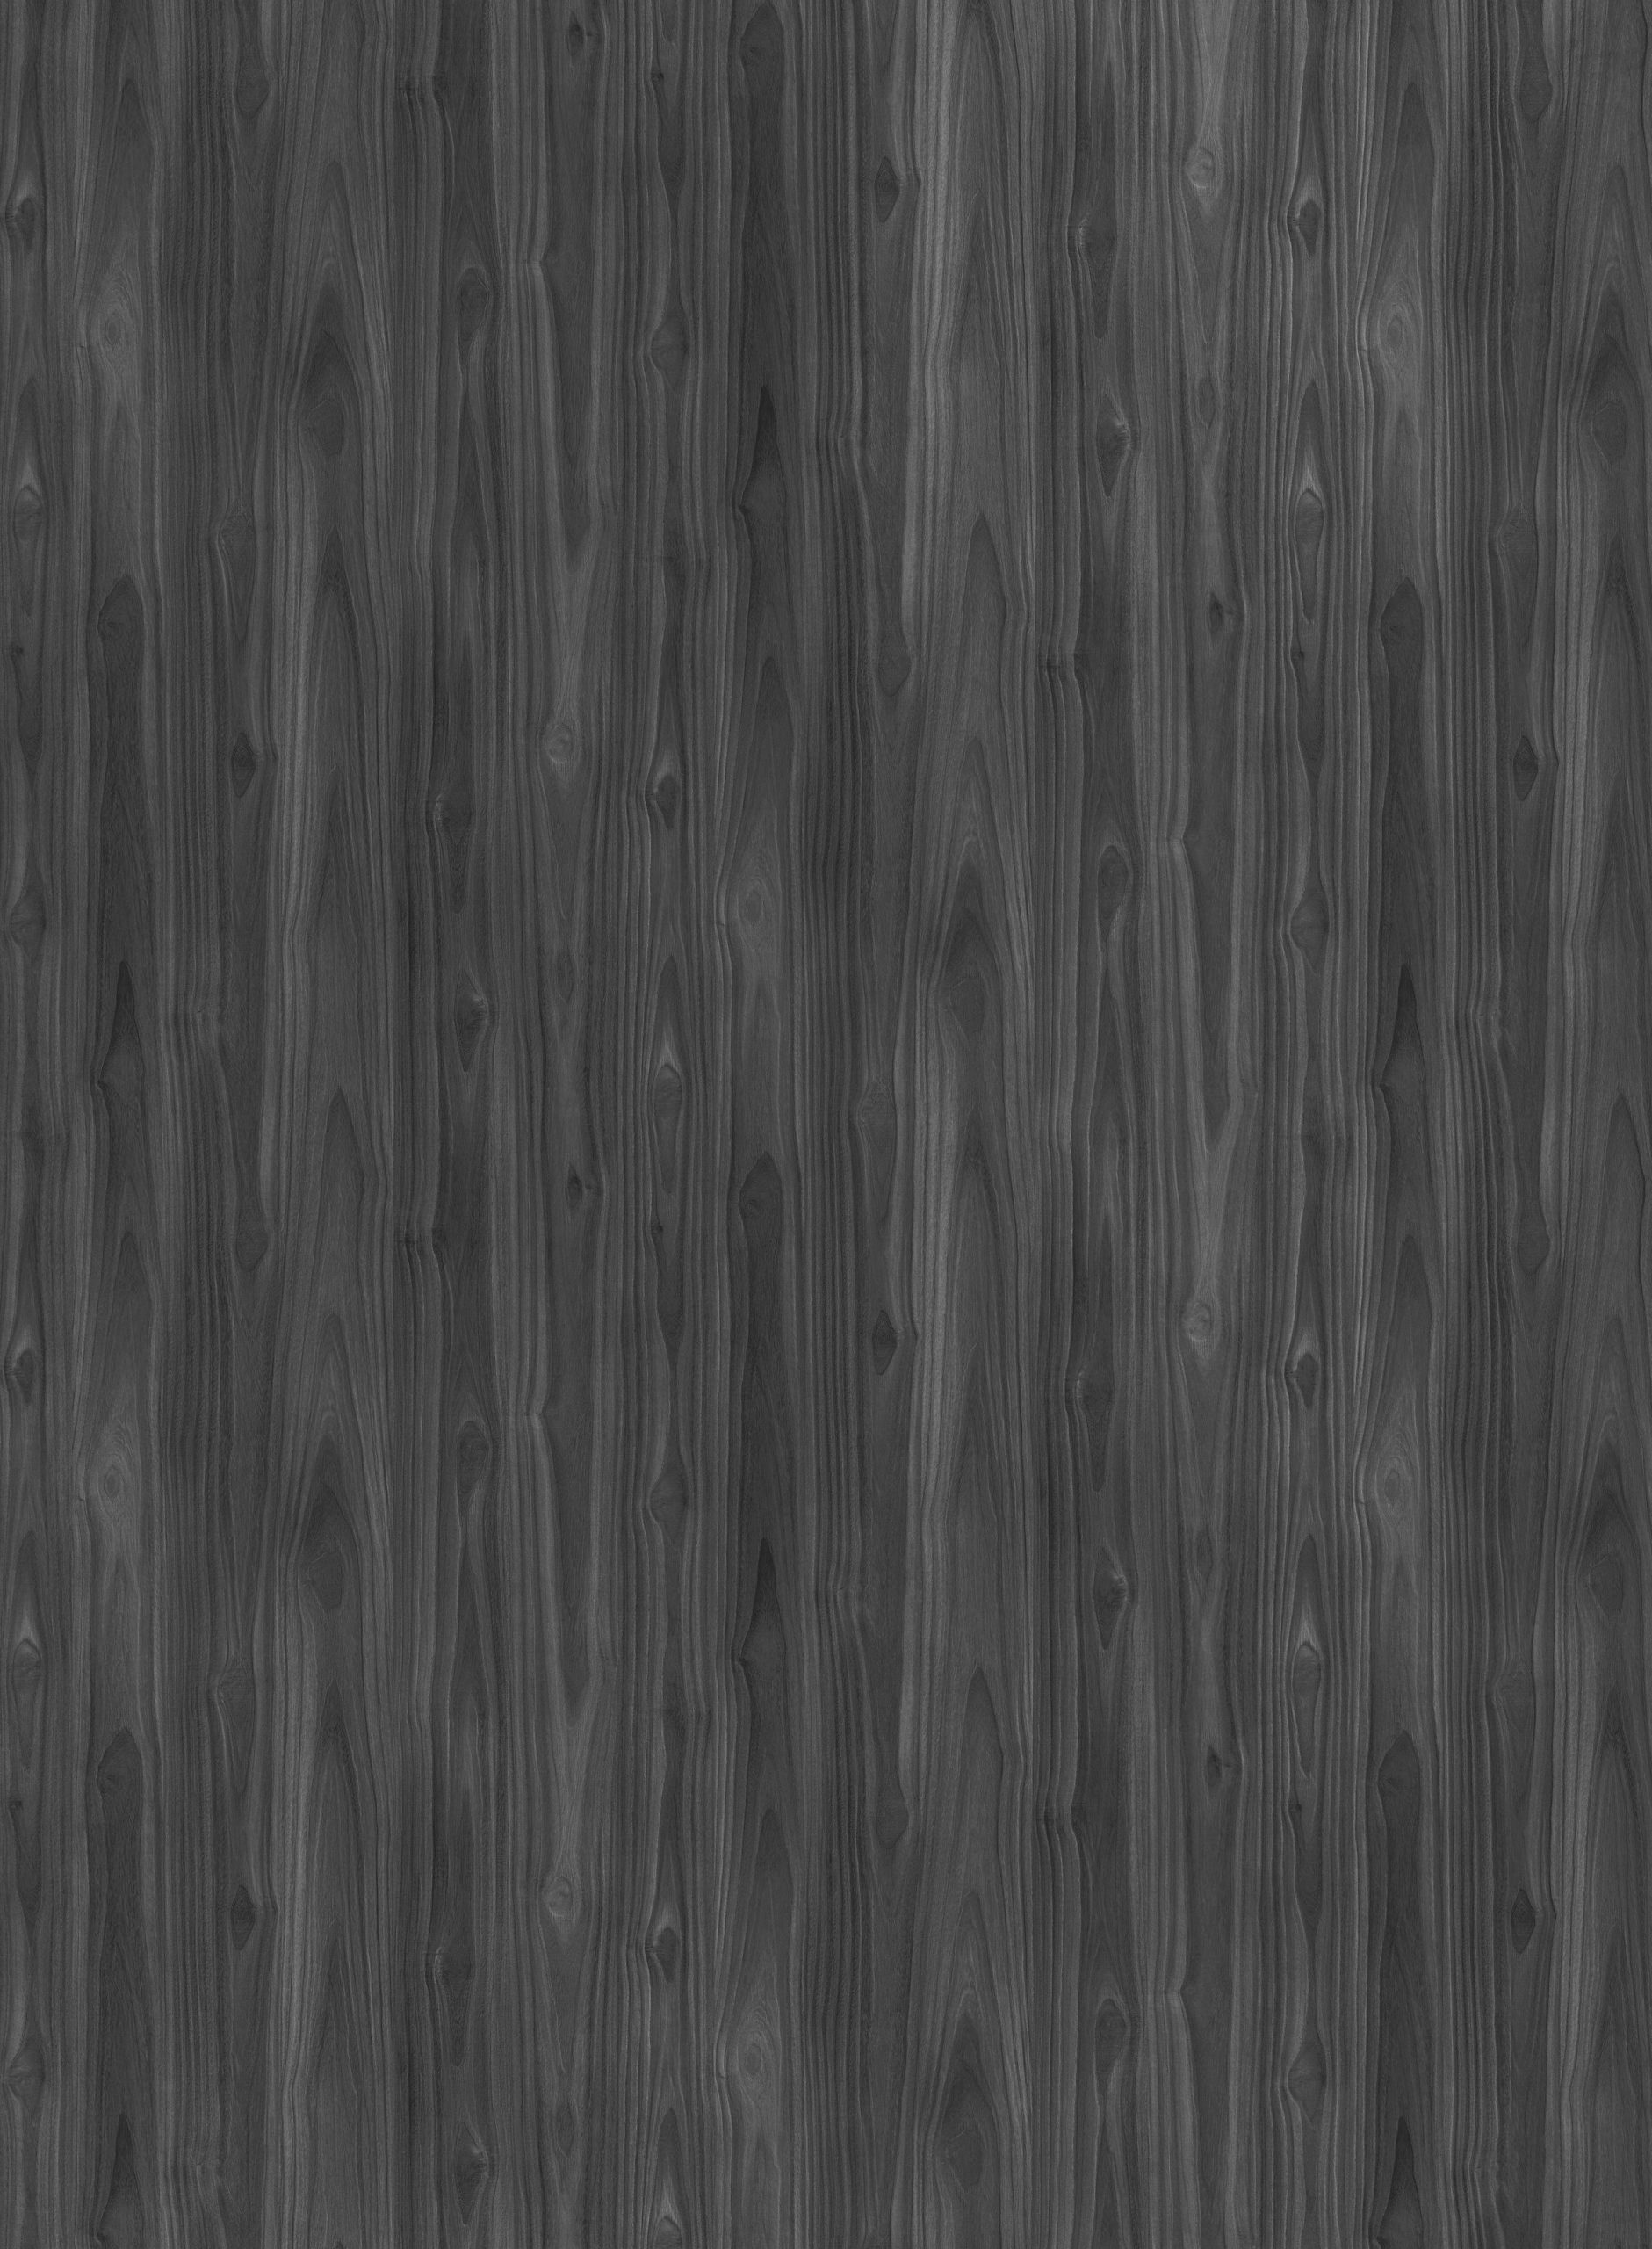 DecoLegno S161 Okobo hele plaatafb. 2800x2070 mm / tekenprogramma